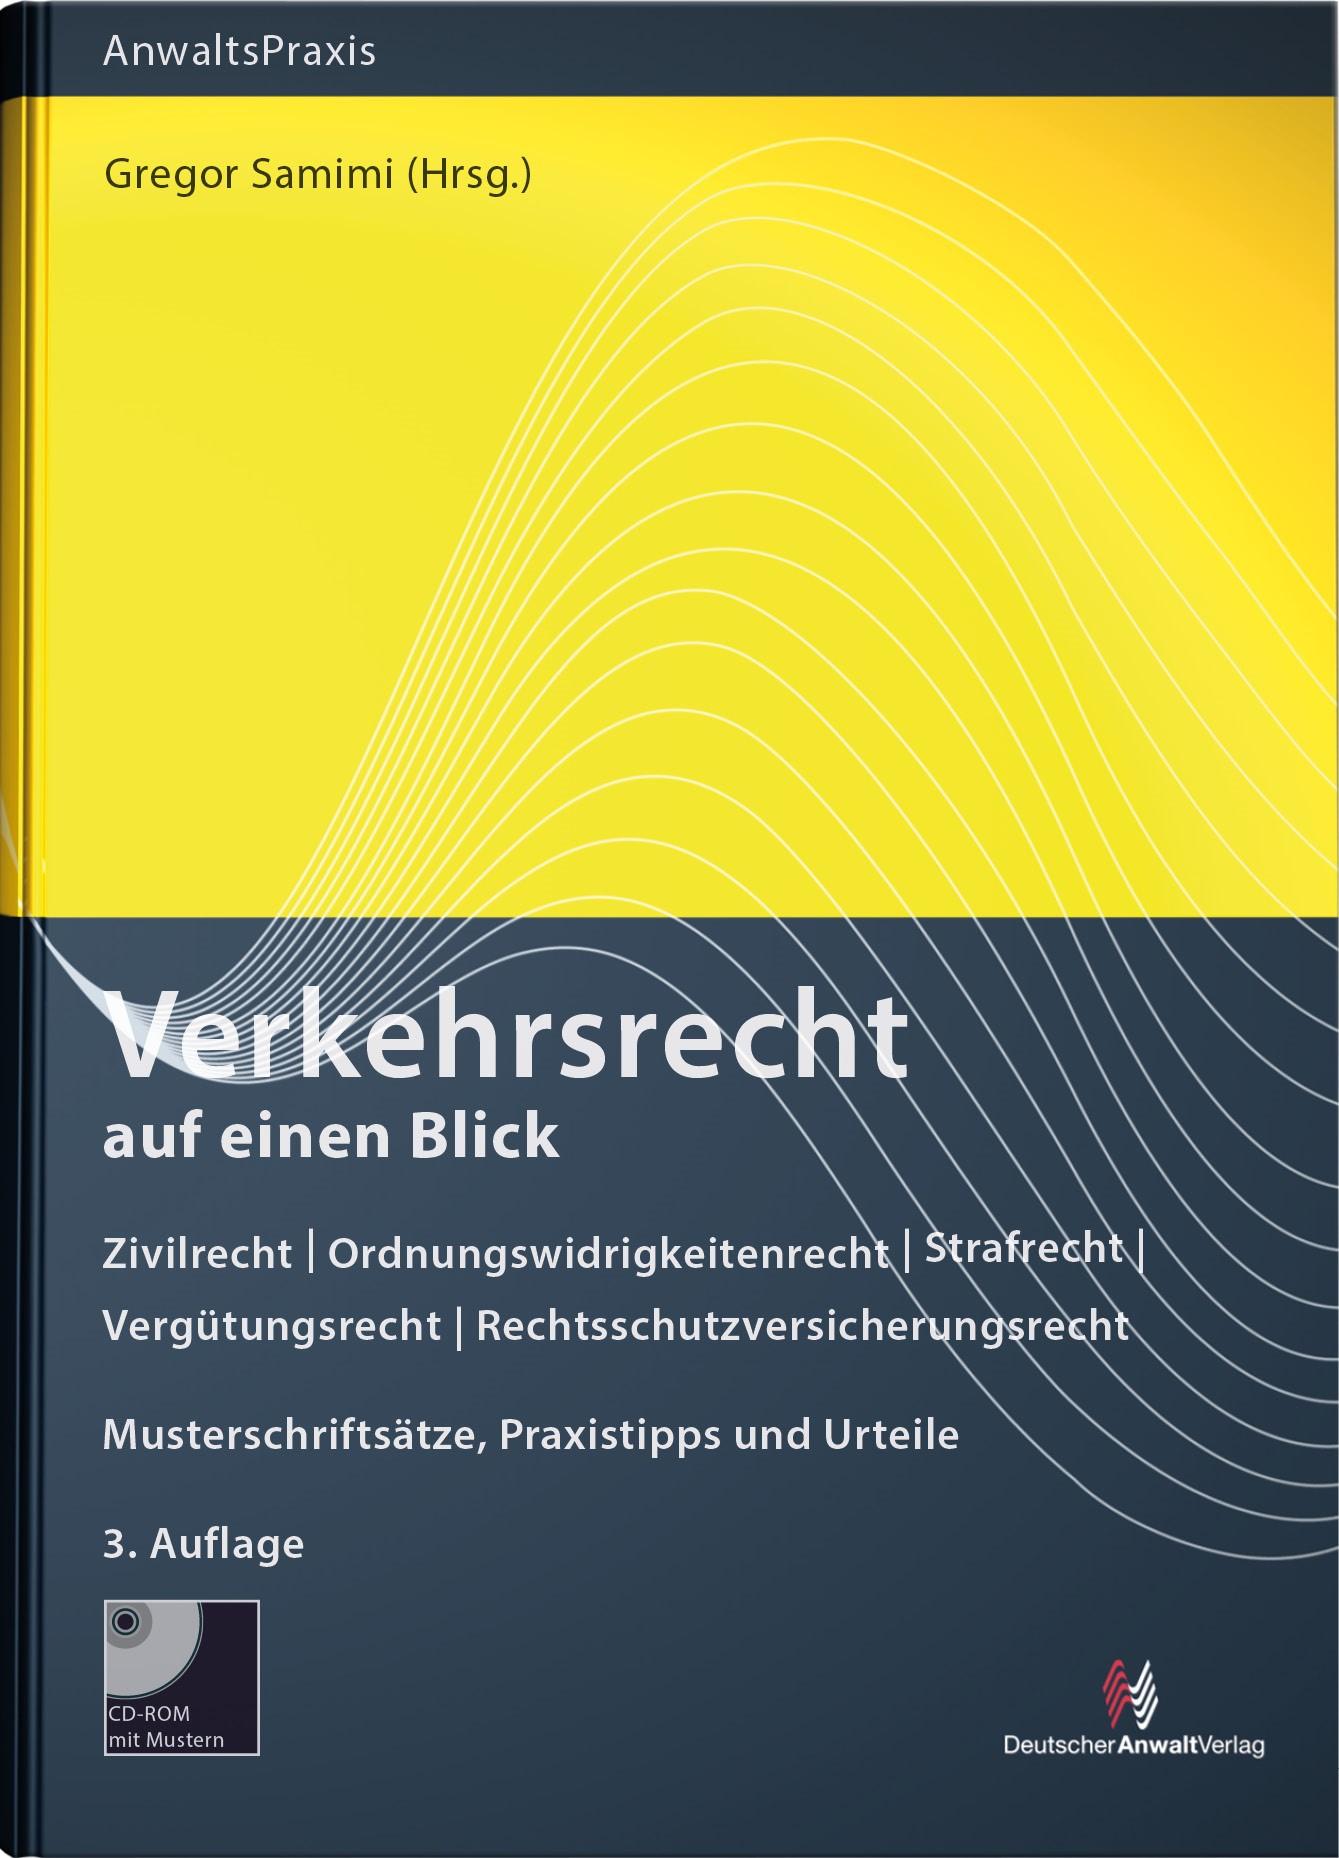 Verkehrsrecht auf einen Blick | Samimi (Hrsg.) | 3. Auflage, 2019 | Buch (Cover)